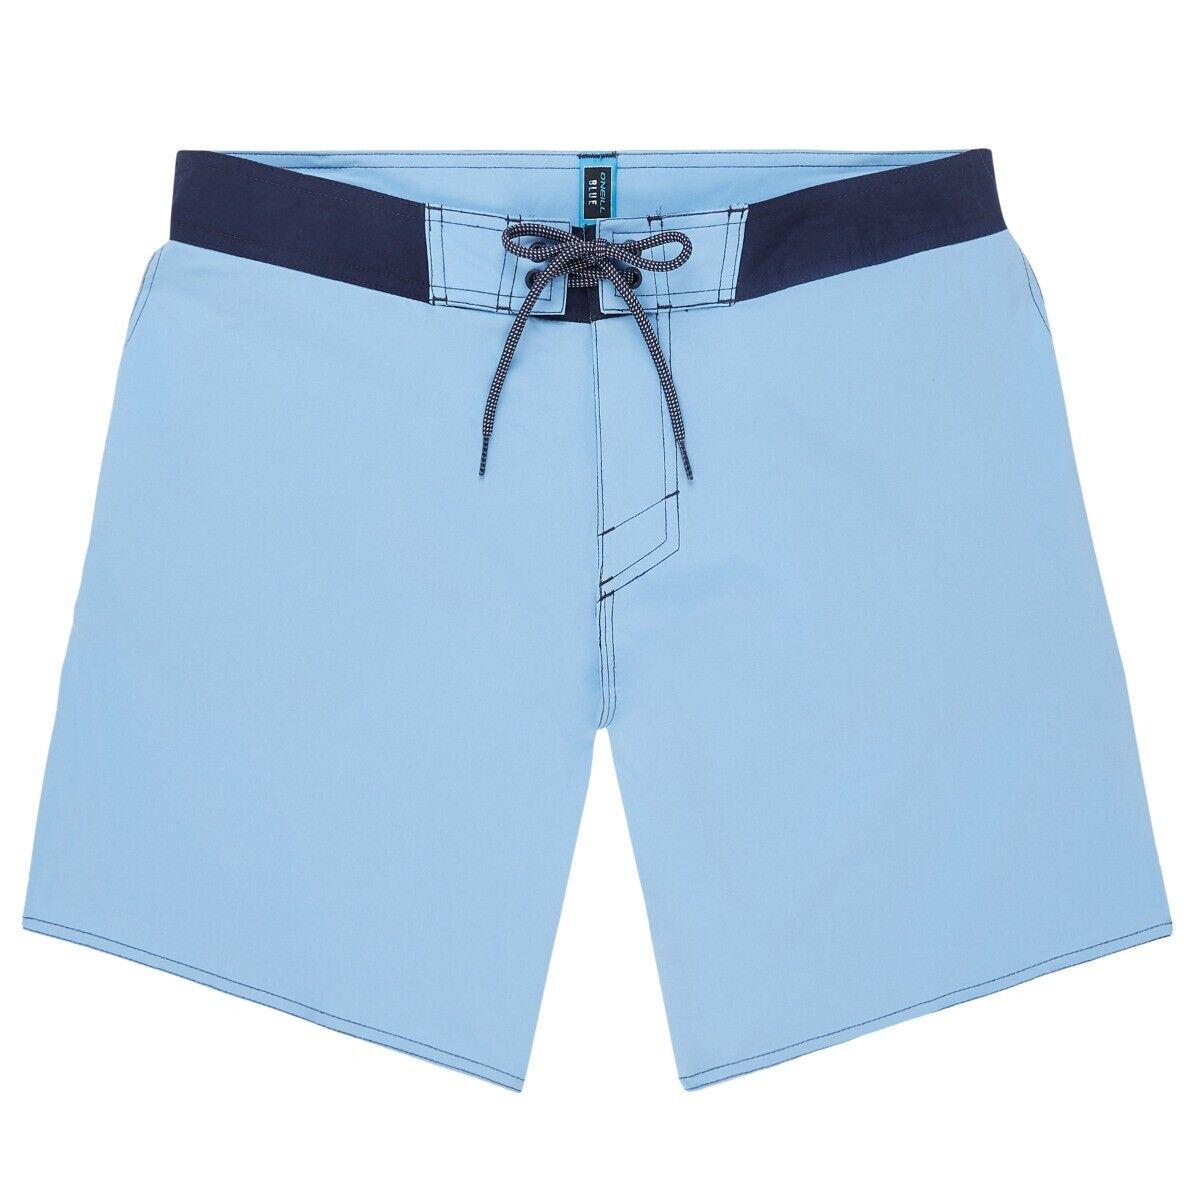 O'Neill Nuovo da Uomo Compatti Mostro Pantaloncini da Barca - blu Heaven